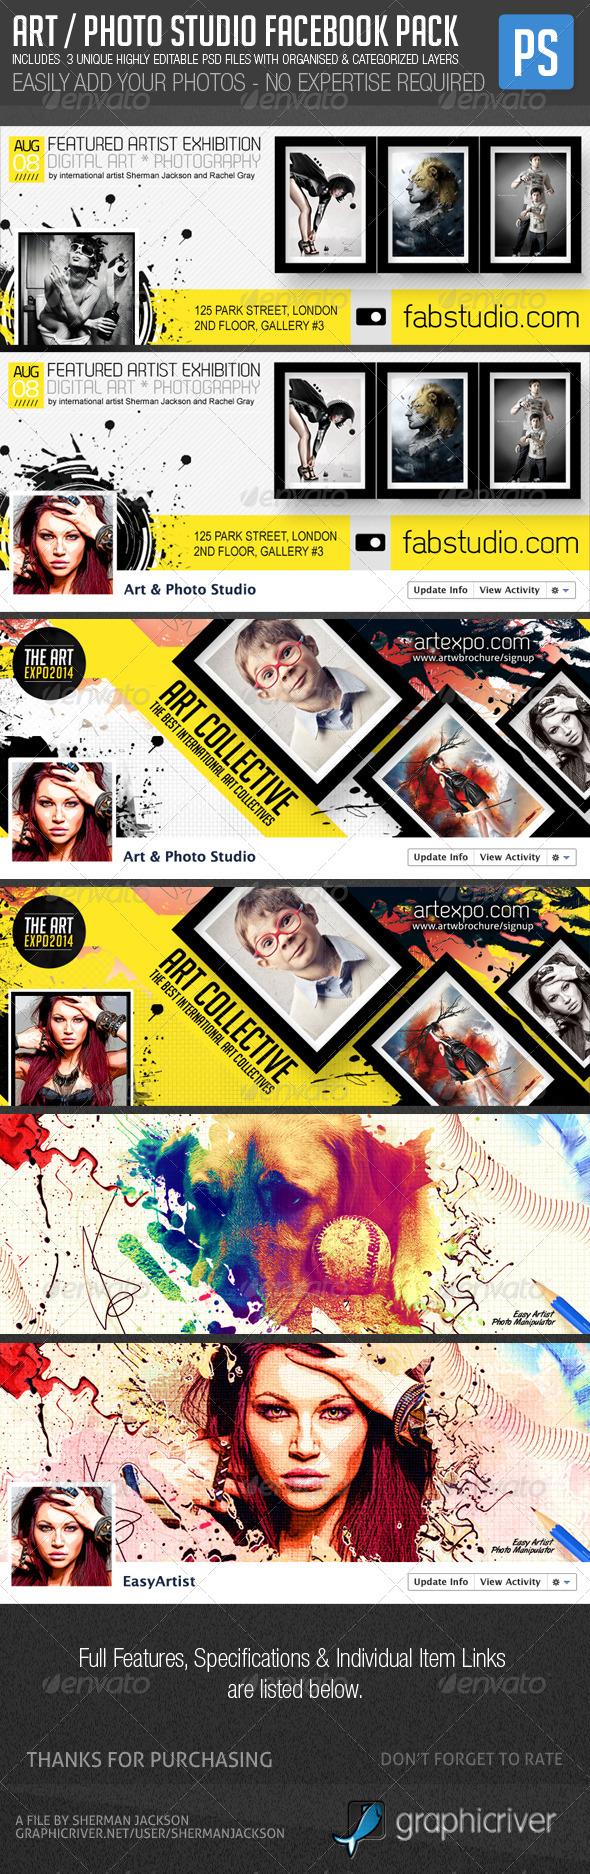 GraphicRiver Art Photo Facebook Cover Premium Pack 6835082